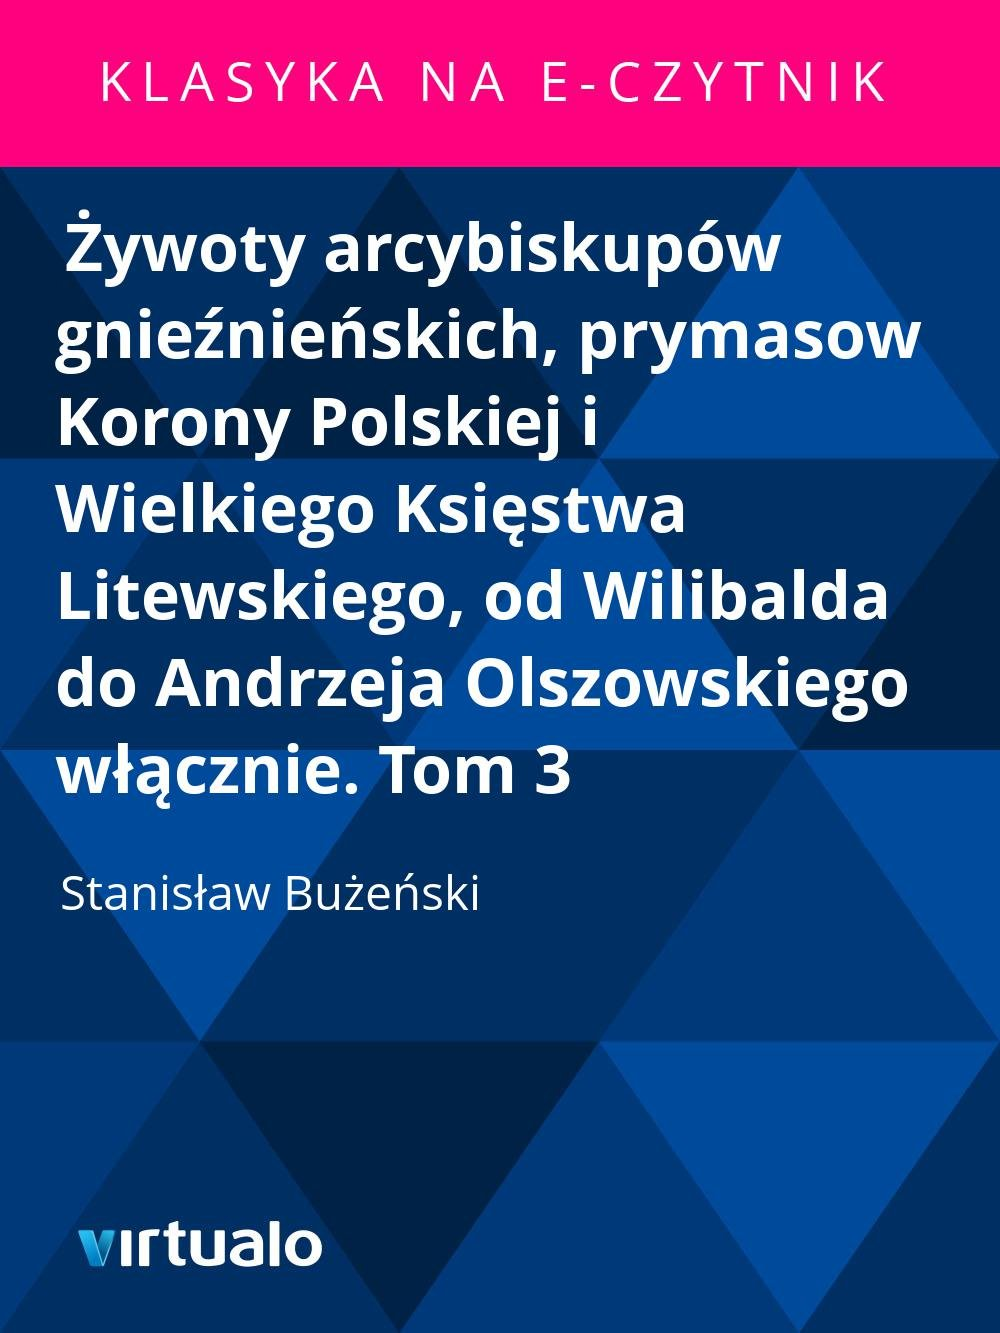 Żywoty arcybiskupów gnieźnieńskich, prymasow Korony Polskiej i Wielkiego Księstwa Litewskiego, od Wilibalda do Andrzeja Olszowskiego włącznie. Tom 3 - Ebook (Książka EPUB) do pobrania w formacie EPUB